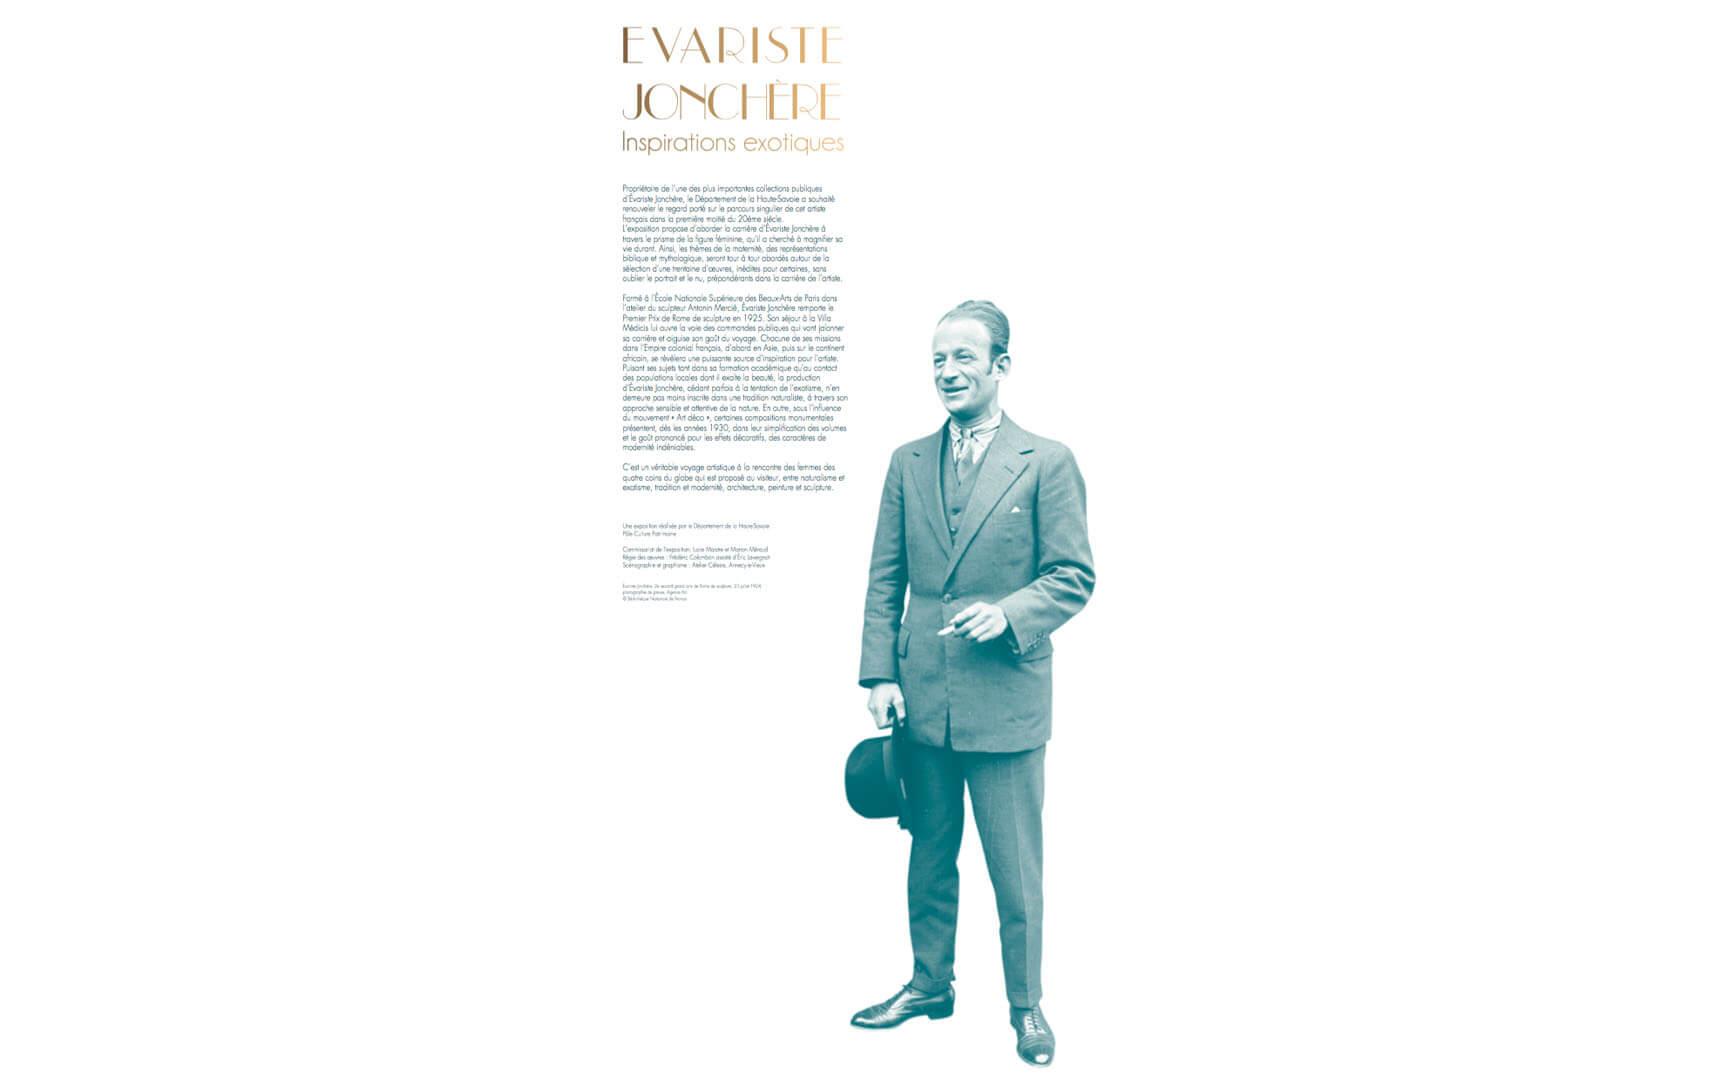 Le département de la Haute-Savoie a souhaité mettre en lumière le parcours singulier de l'artiste voyageur Évariste Jonchère. L'exposition